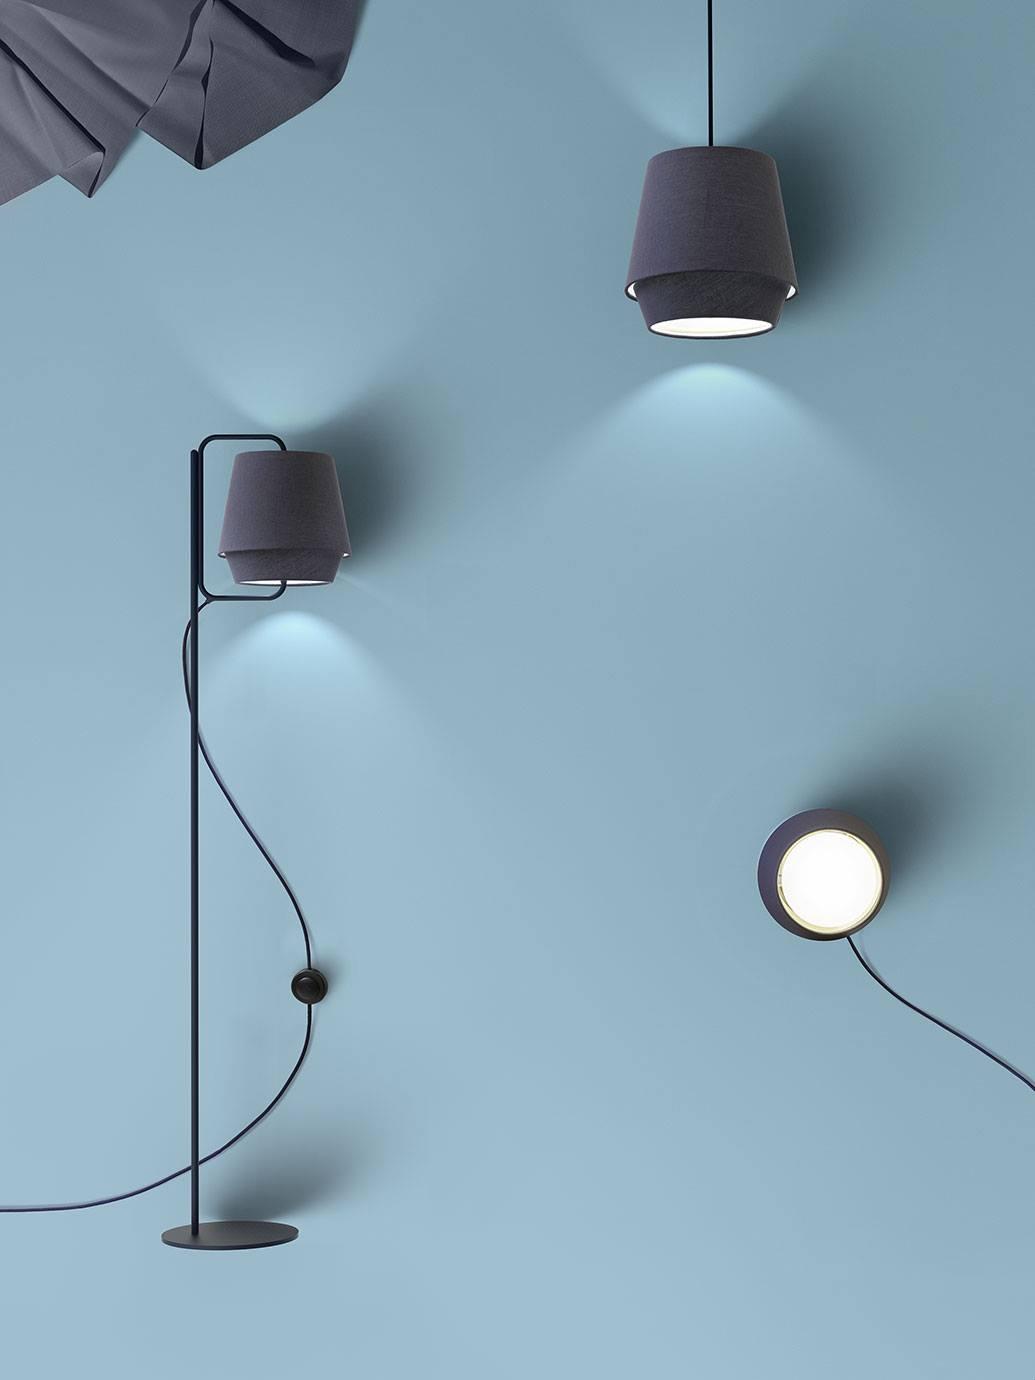 ELEMENTS Floor lamp by ZERO design NOTE Design Studio